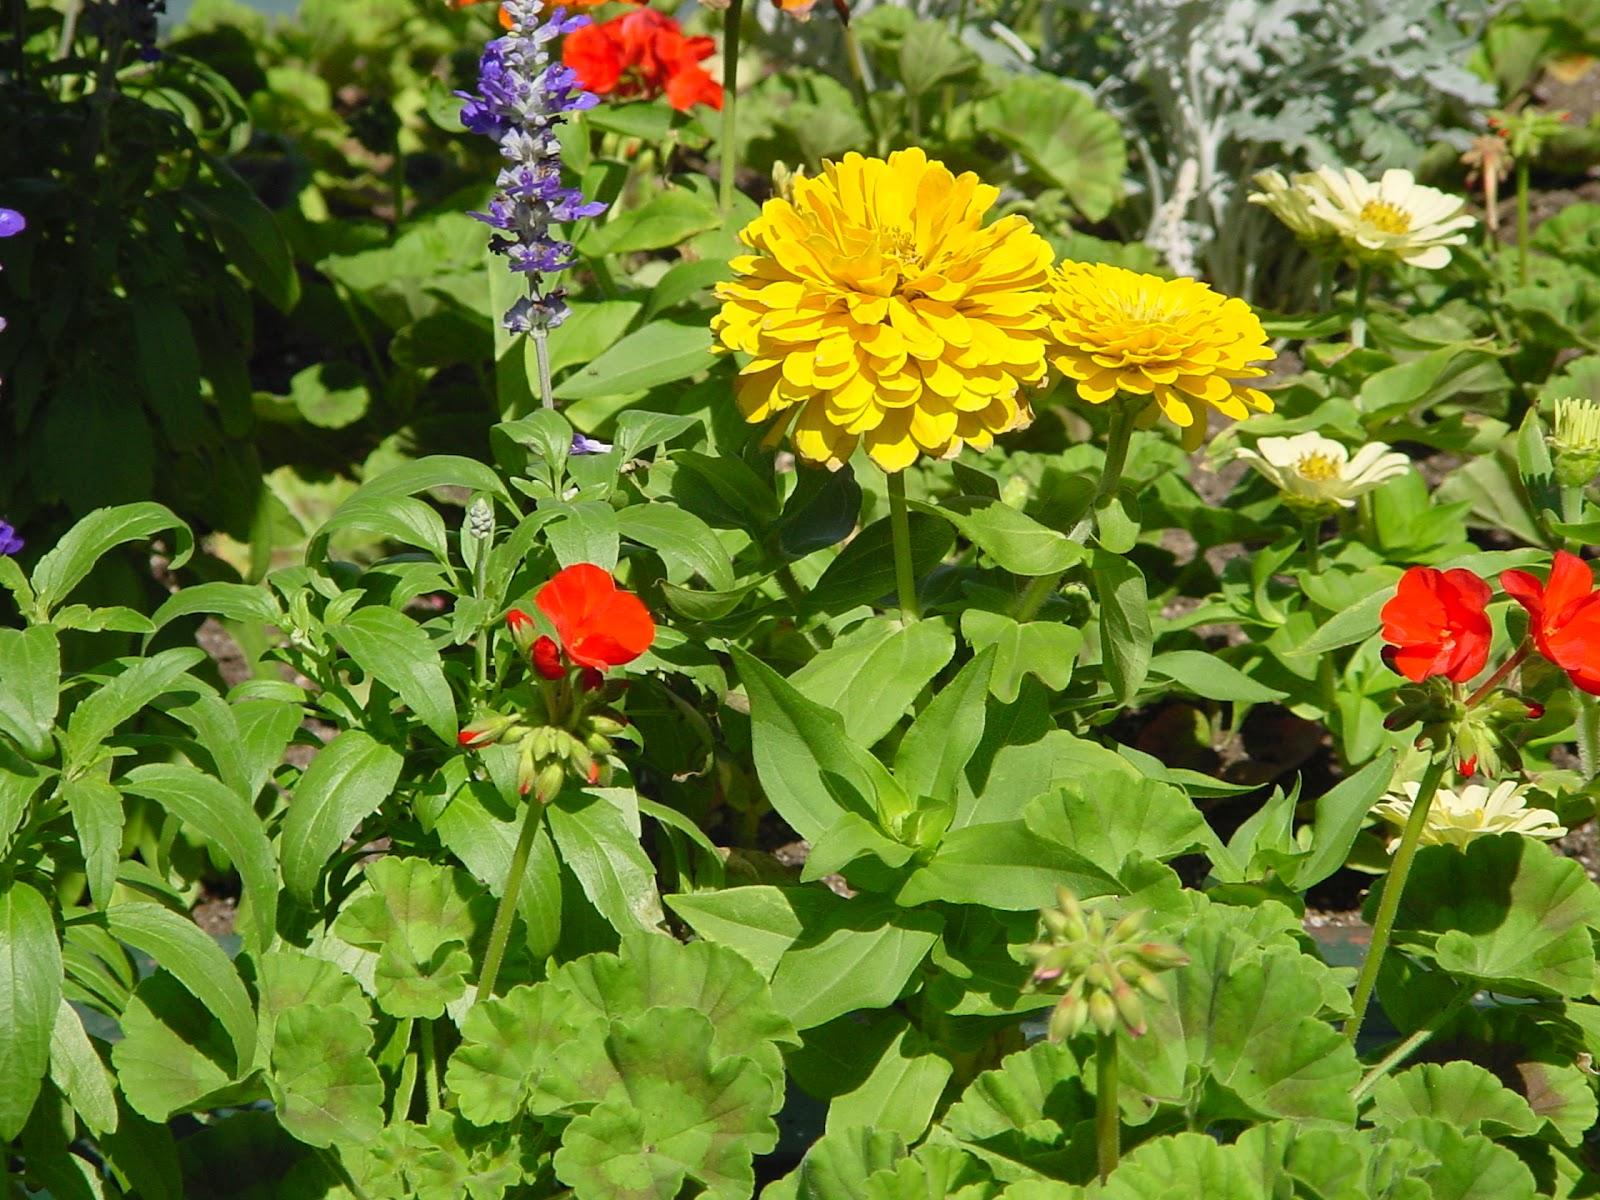 Jardineria eladio nonay enhorabuena a la selecci n - Jardineria eladio nonay ...